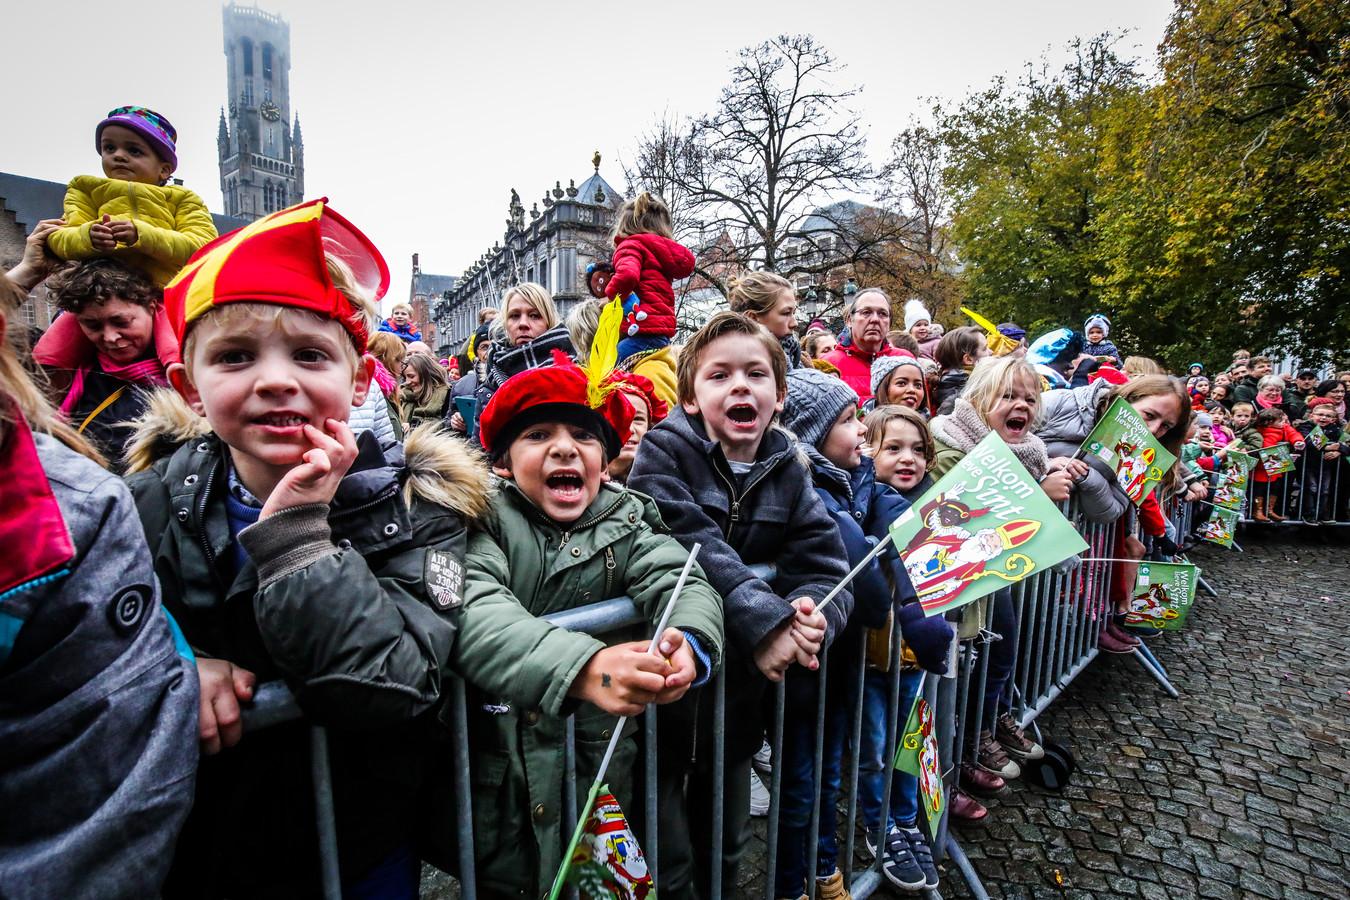 De Sint komt sowieso naar Brugge, maar de kinderen zullen de goedheiligman niet op de Burg kunnen toejuichen.